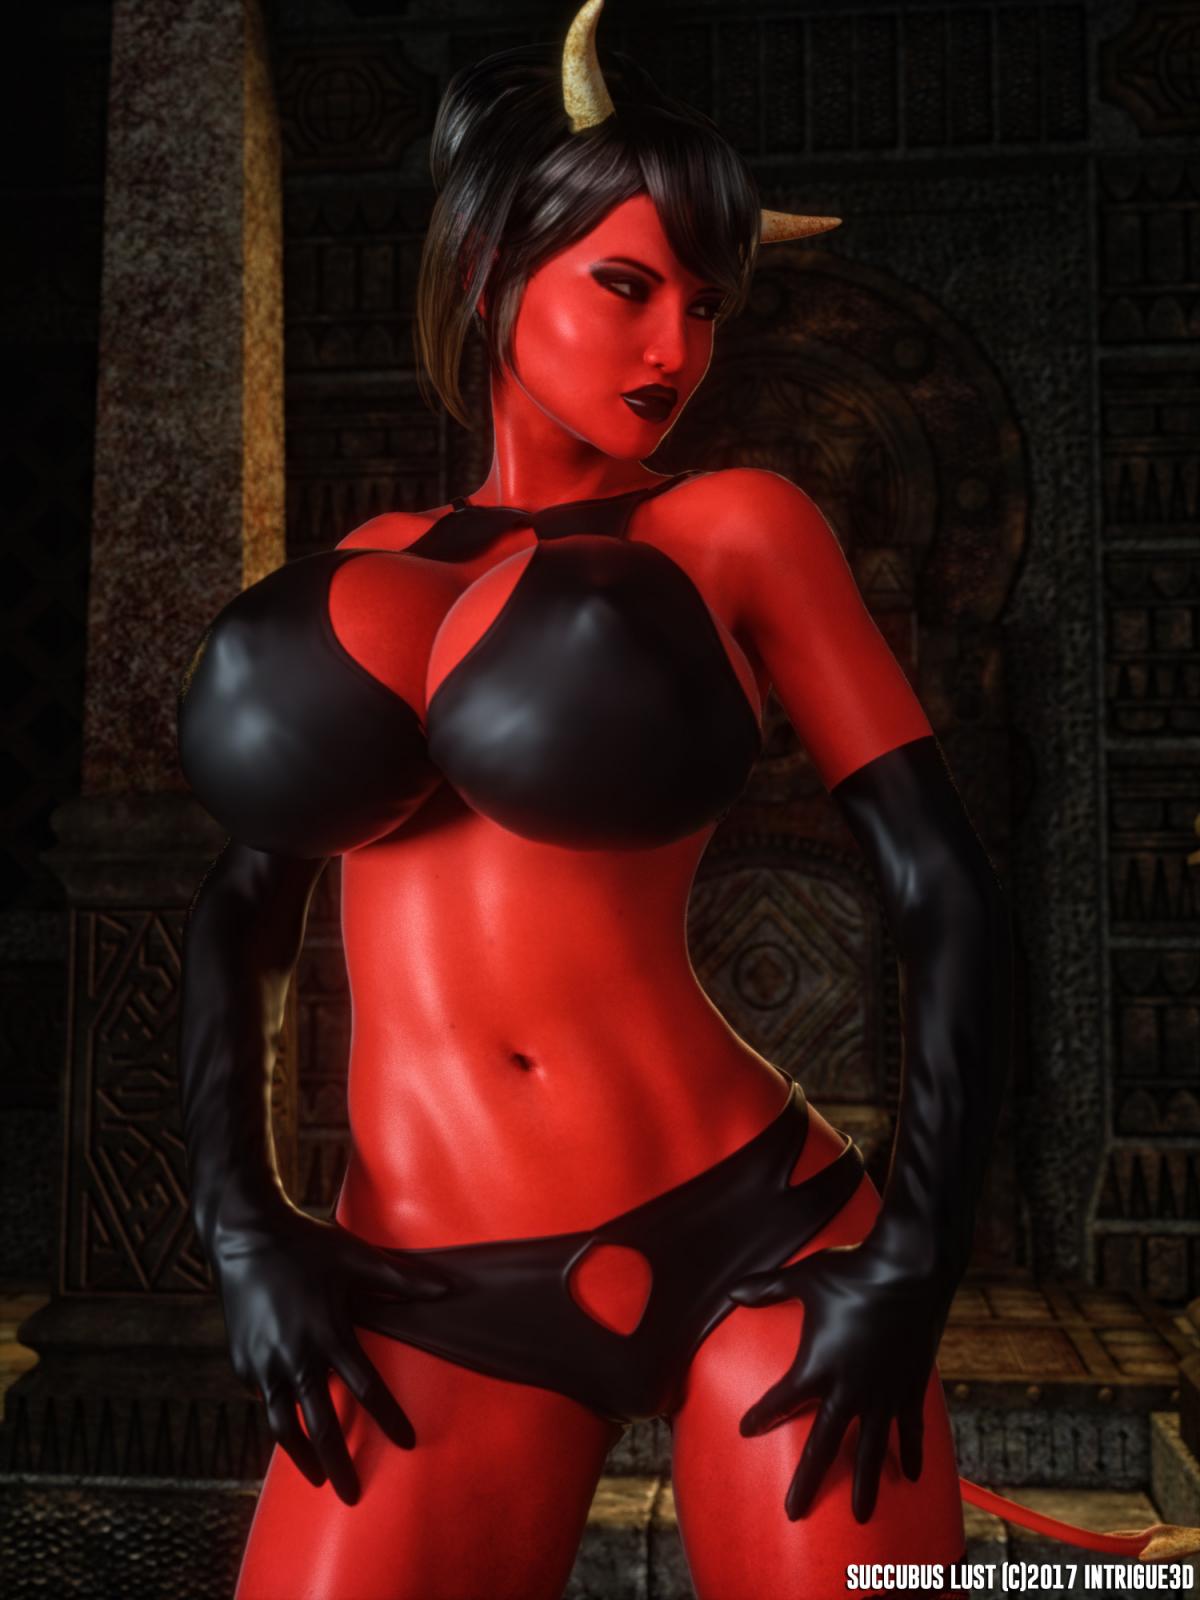 Hình ảnh 39772912795_8c11fda873_o trong bài viết Succubus Lust